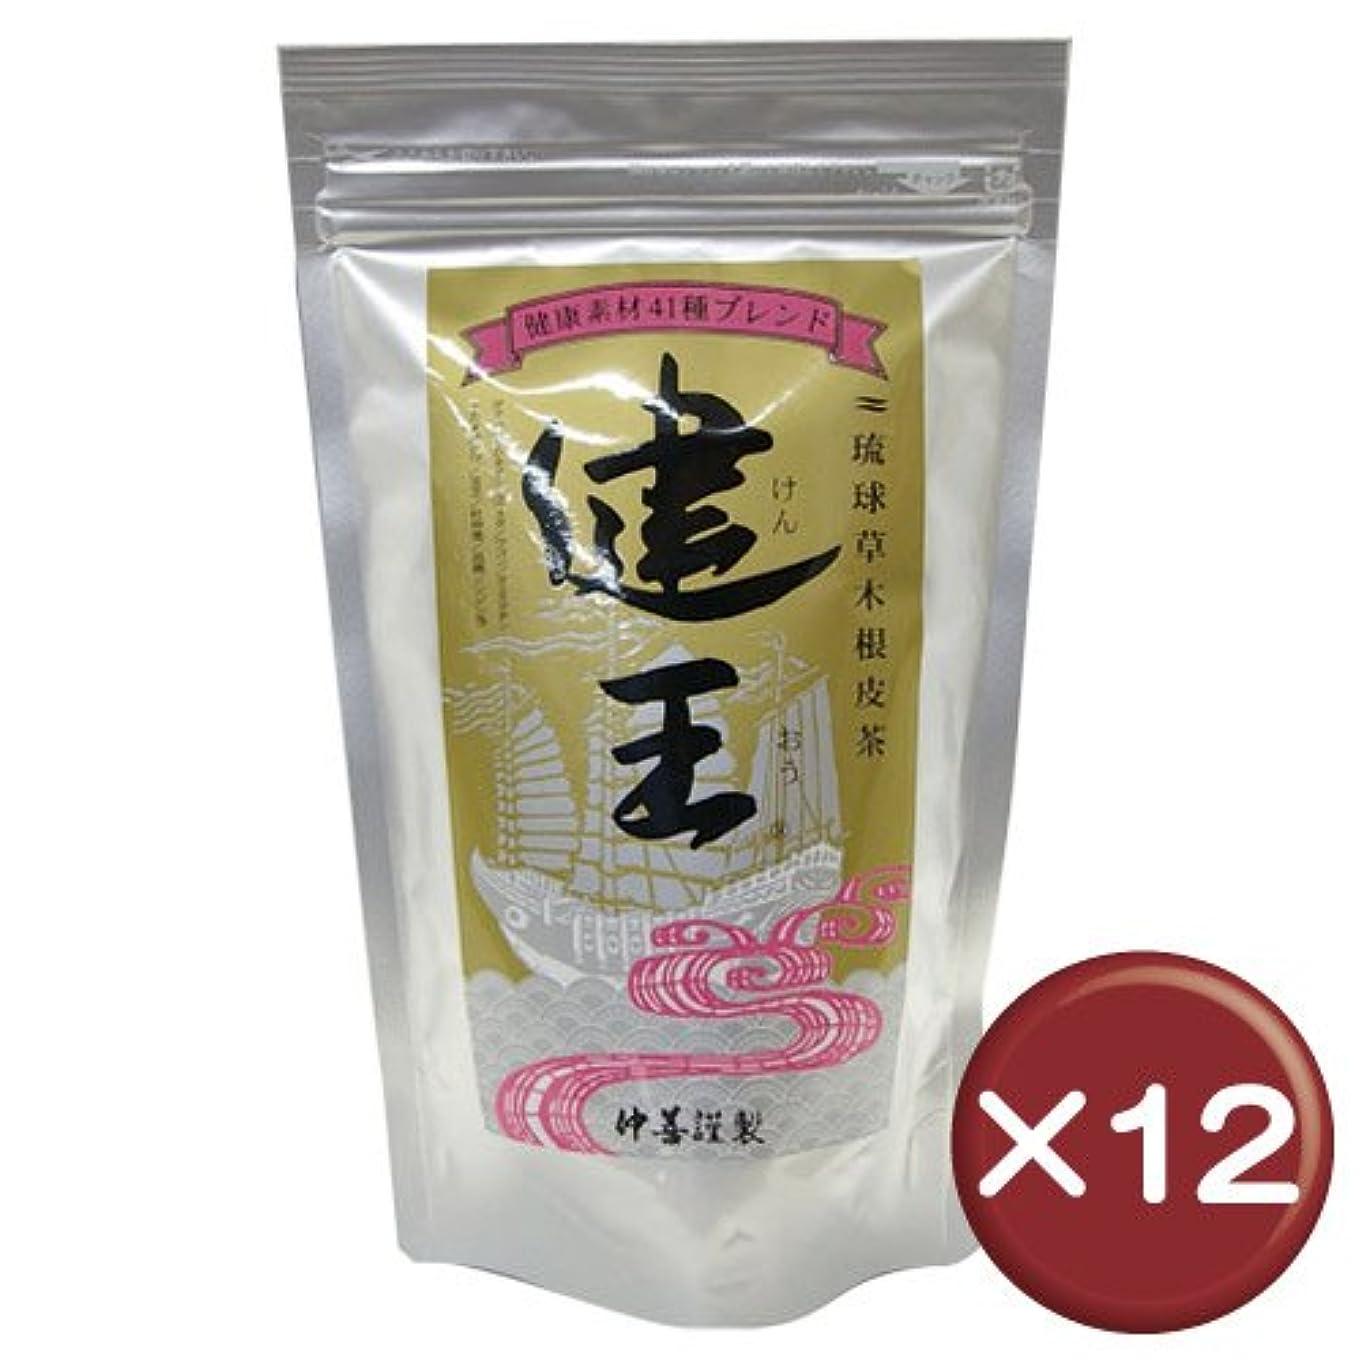 極小インシデント繕う琉球草木根皮茶 健王 ティーバッグ 2g×30包 12袋セット